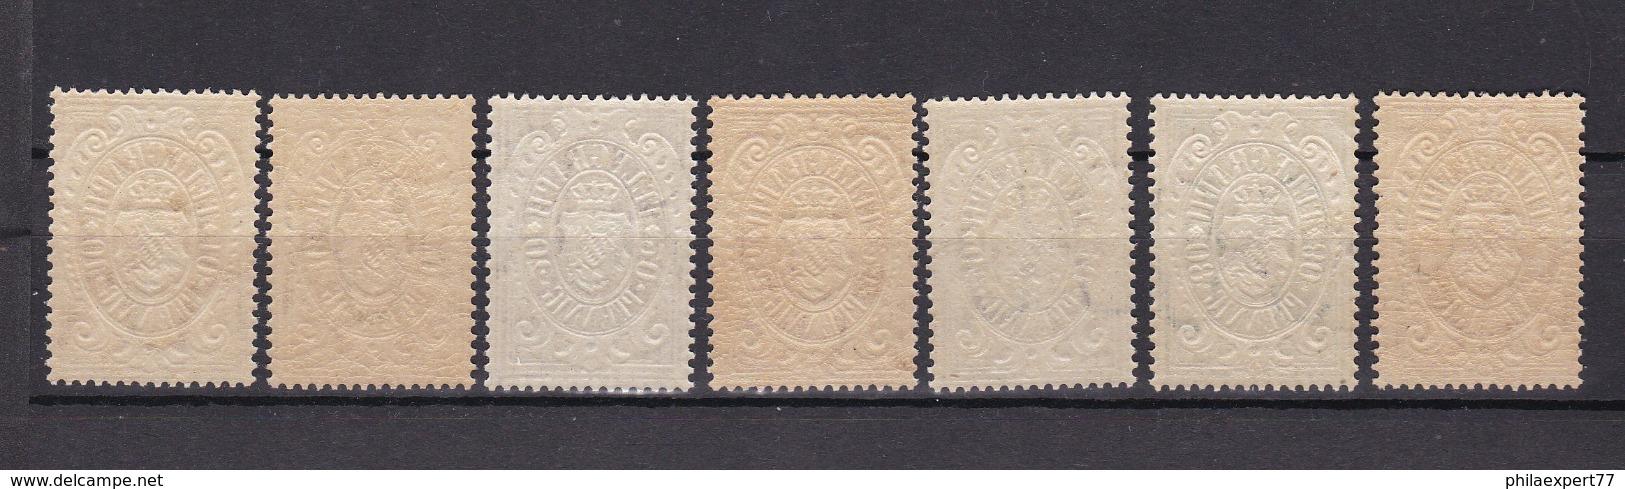 Bayern - 1876 - Telegrafenmarken - Michel Nr. 16/21 - Postfrisch - Bayern